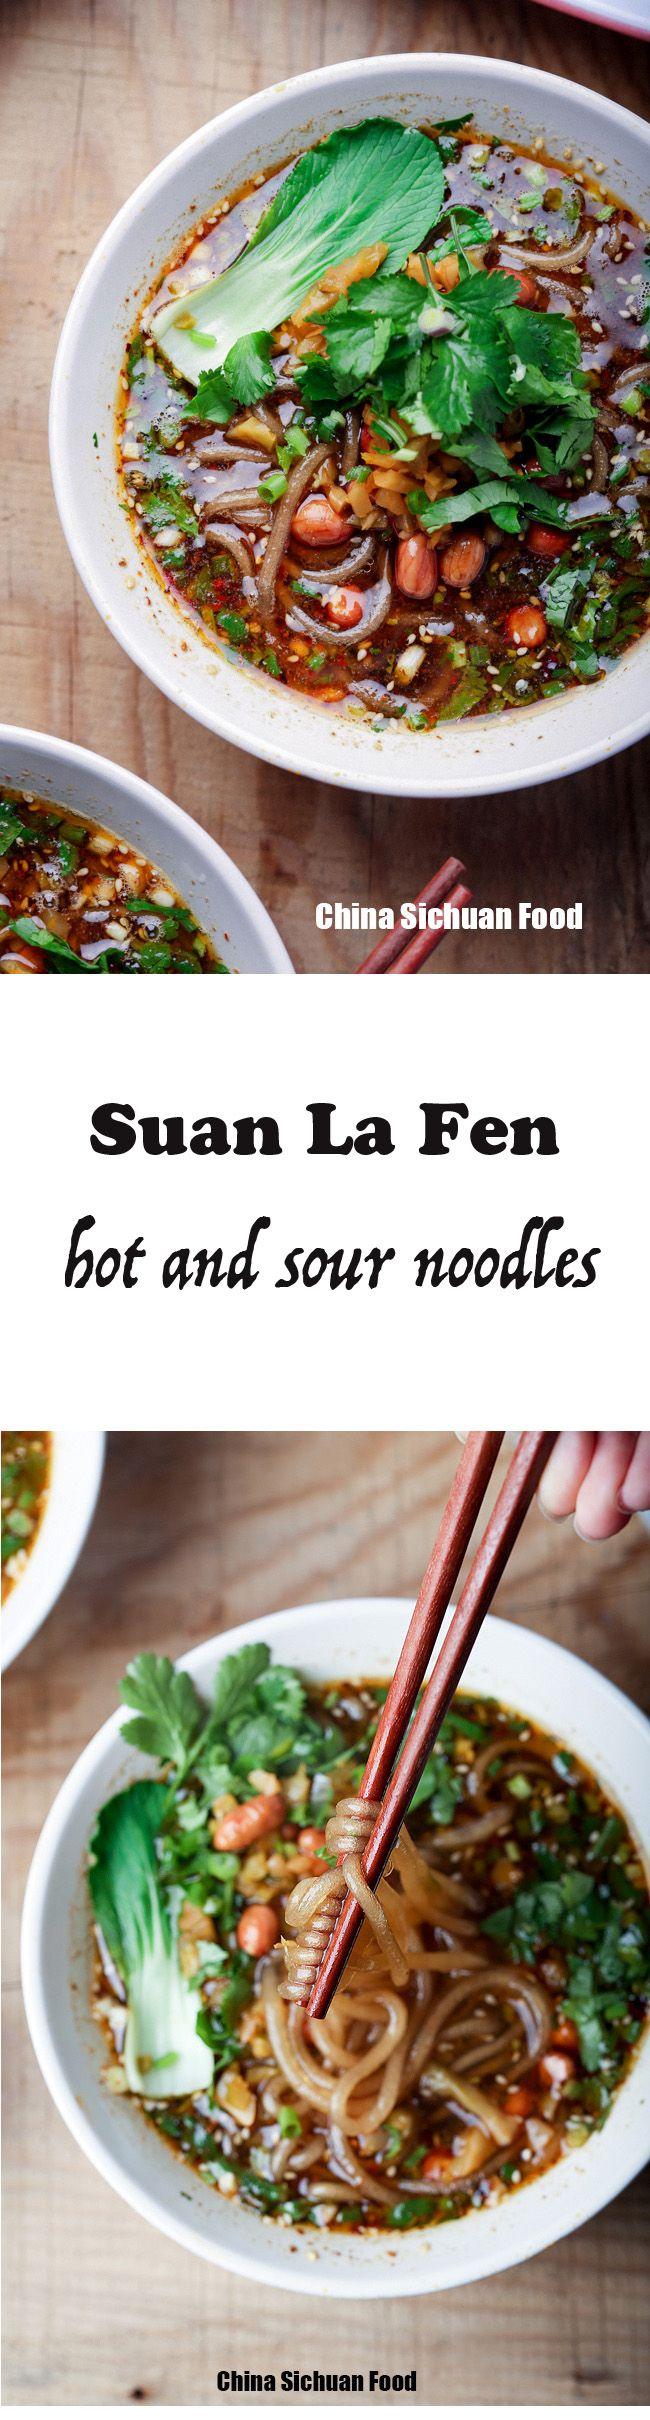 Hot and Sour Sweet Potato Noodles--Suan La Fen--Chongqing hot and sour sweet potato noodles | ChinaSichuanFood.com